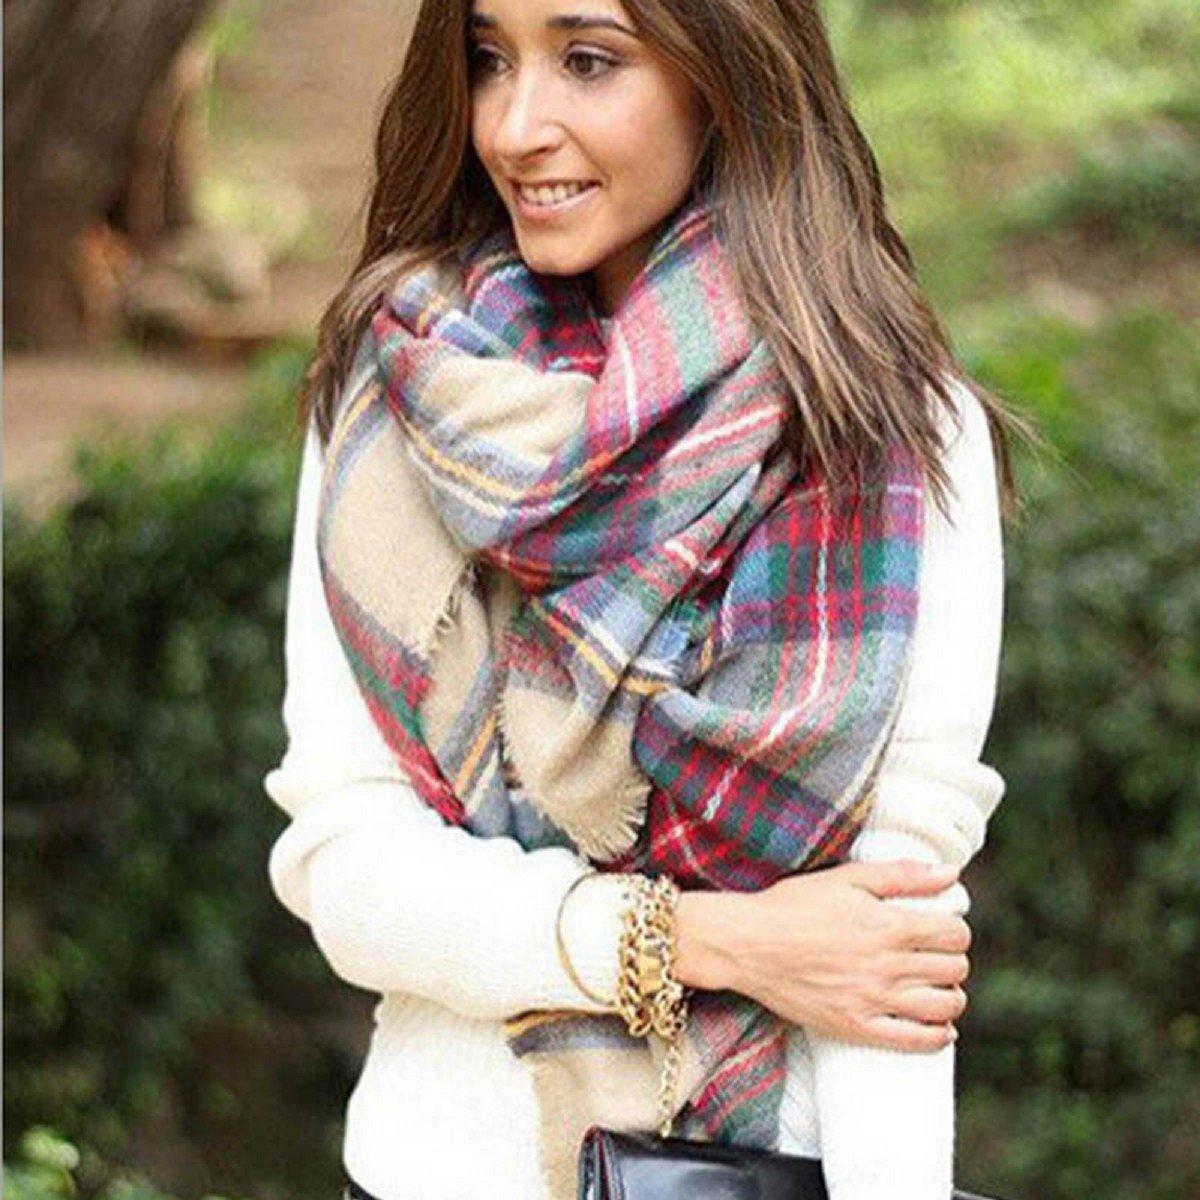 Tongshi Abrigo de la bufanda del mantón de la tela escocesa de Cozy Chequeado Mujeres Señora Manta Tartán de gran tamaño: Amazon.es: Bebé